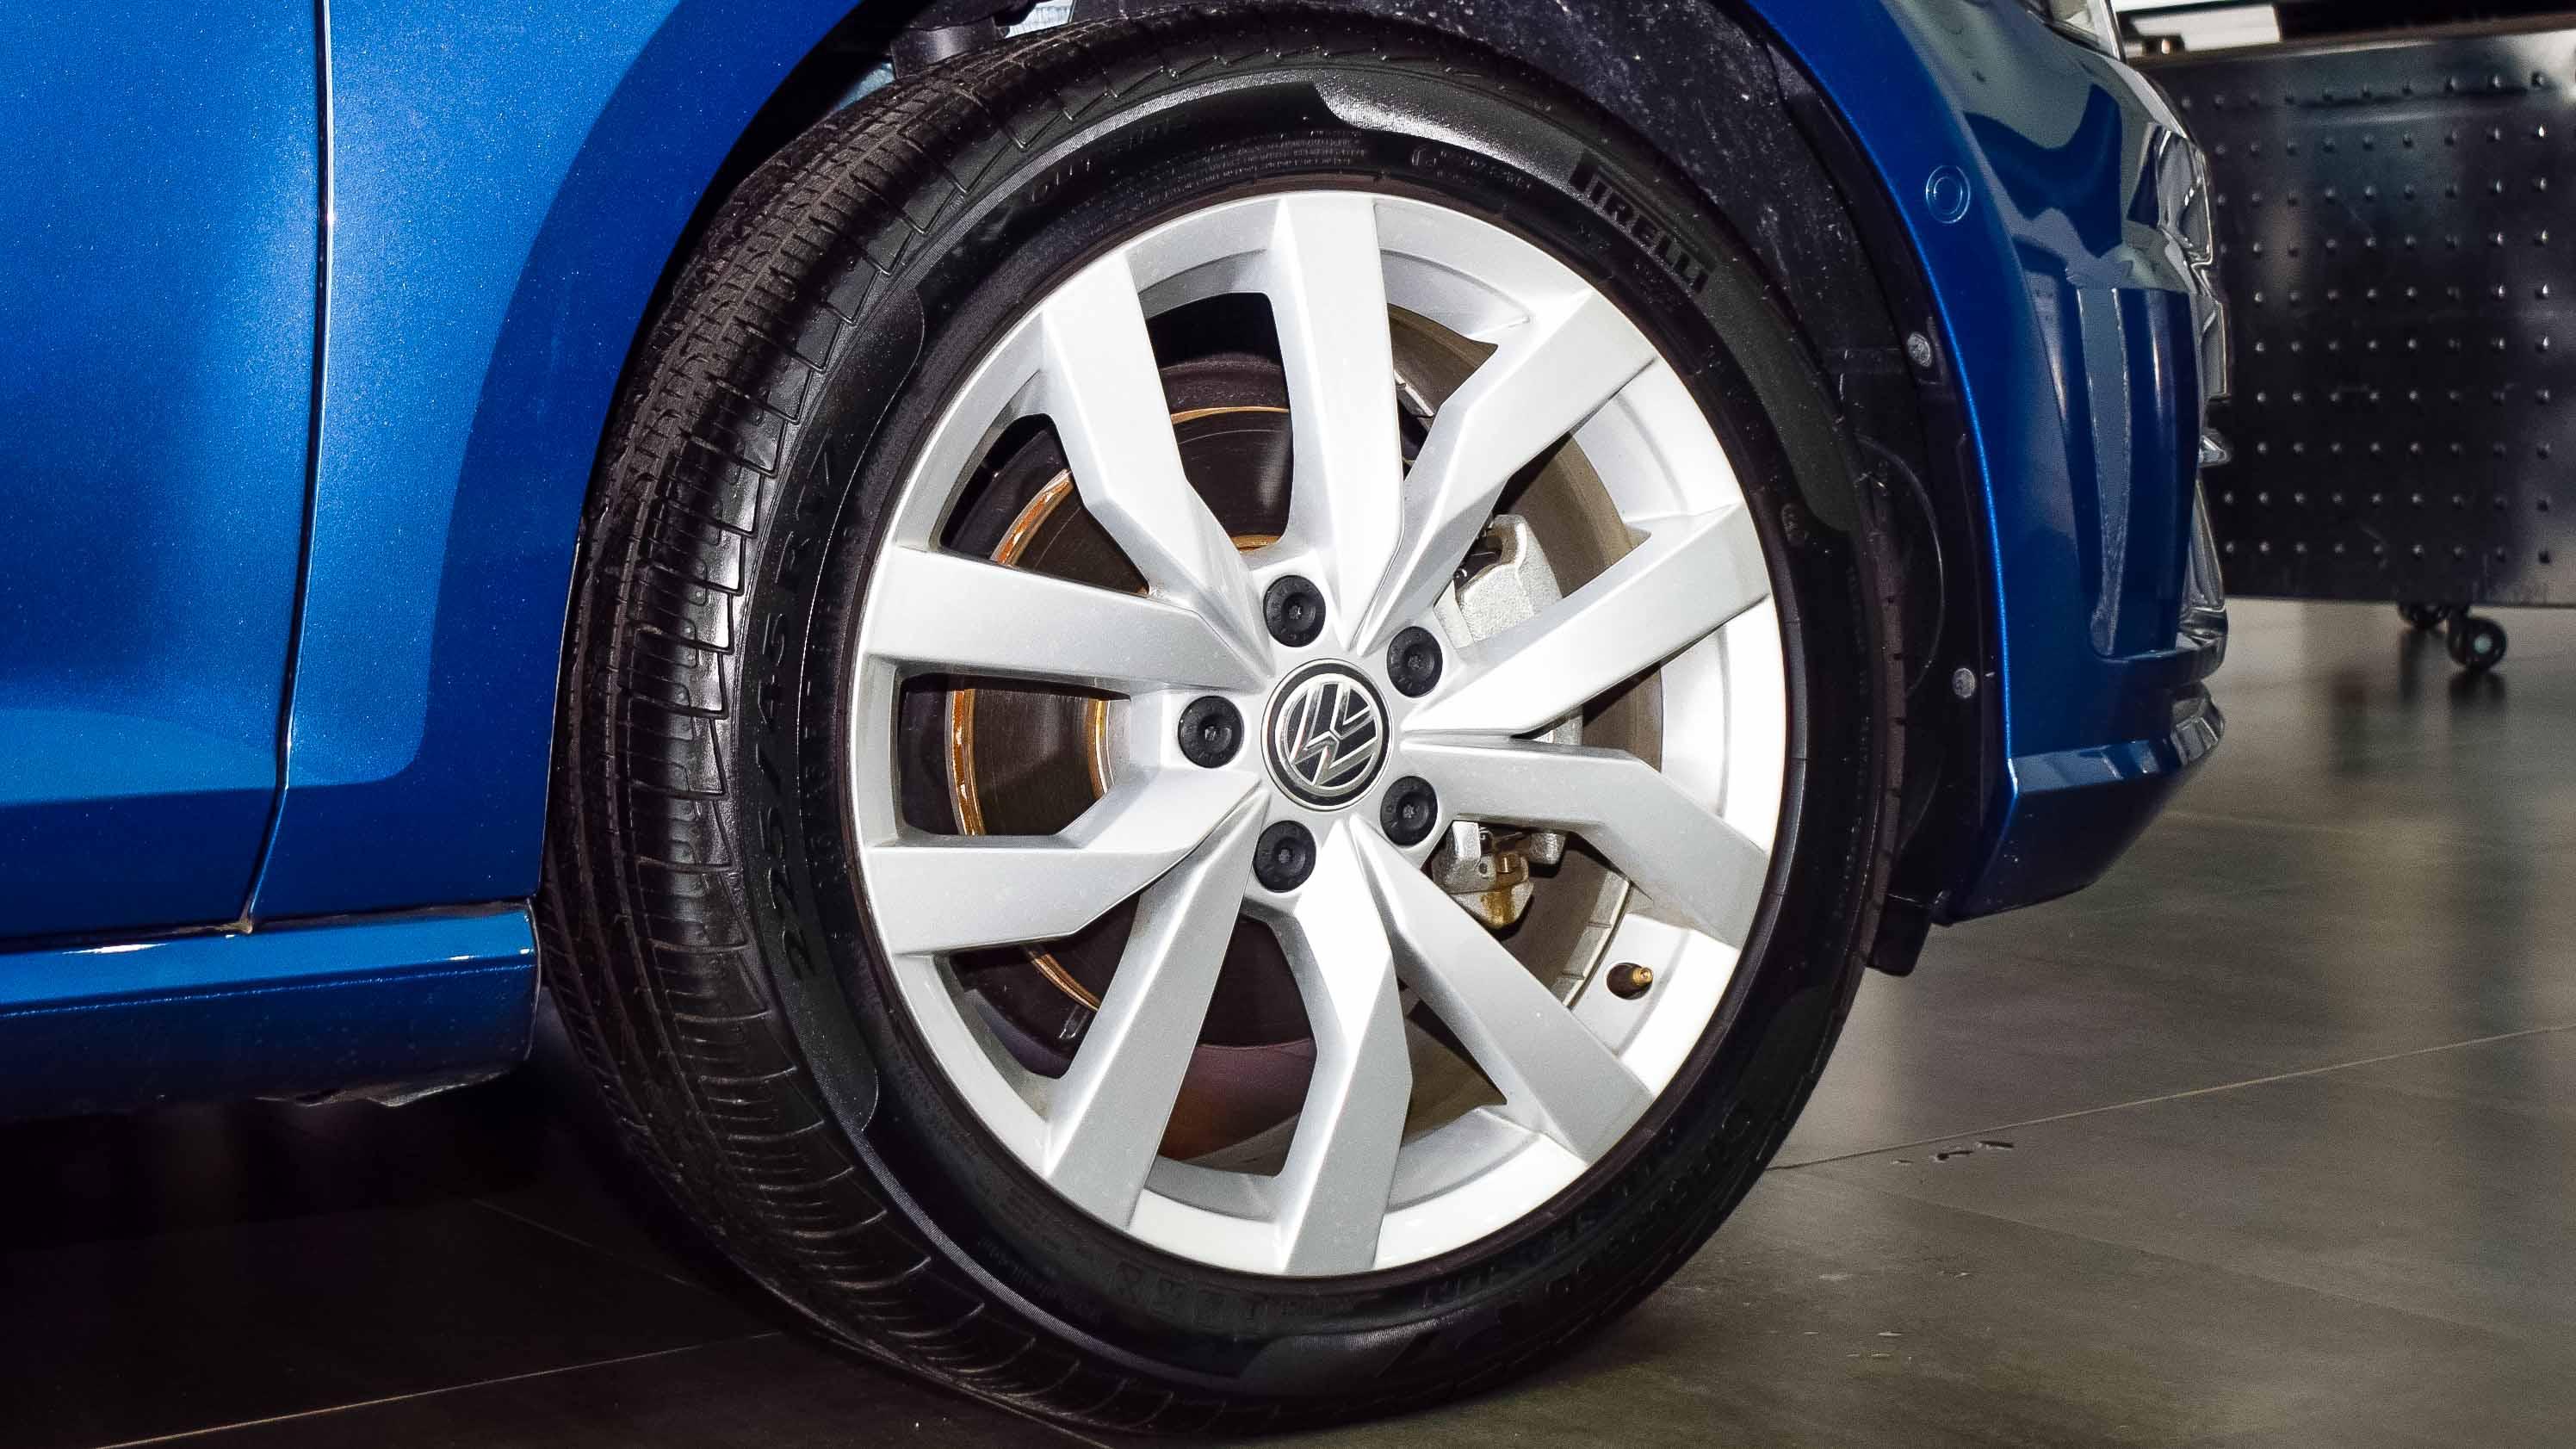 2019-Volkswagen-Golf-1.4-Blue-Beige-Canadian-Specifications-10-1.jpg